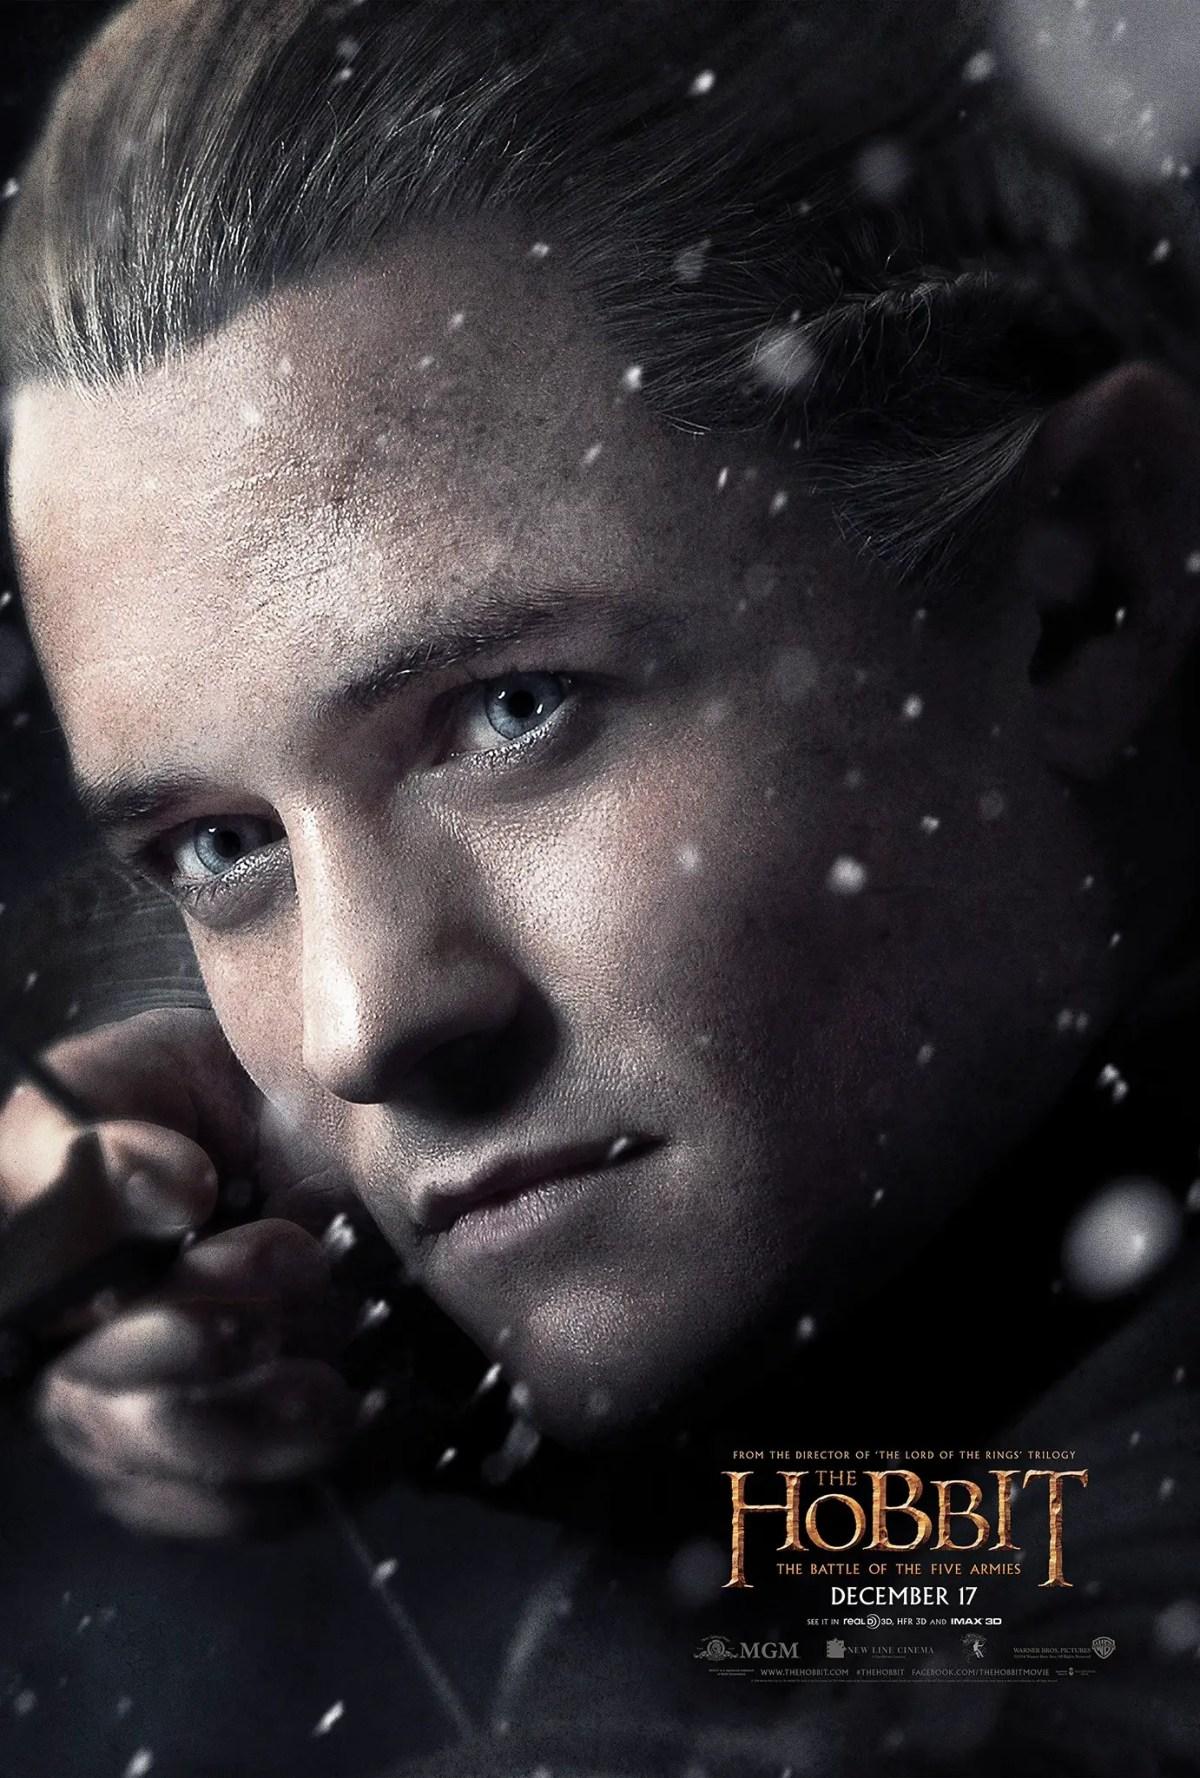 Legolas - The Hobbit: The Battle of the Five Armies Poster